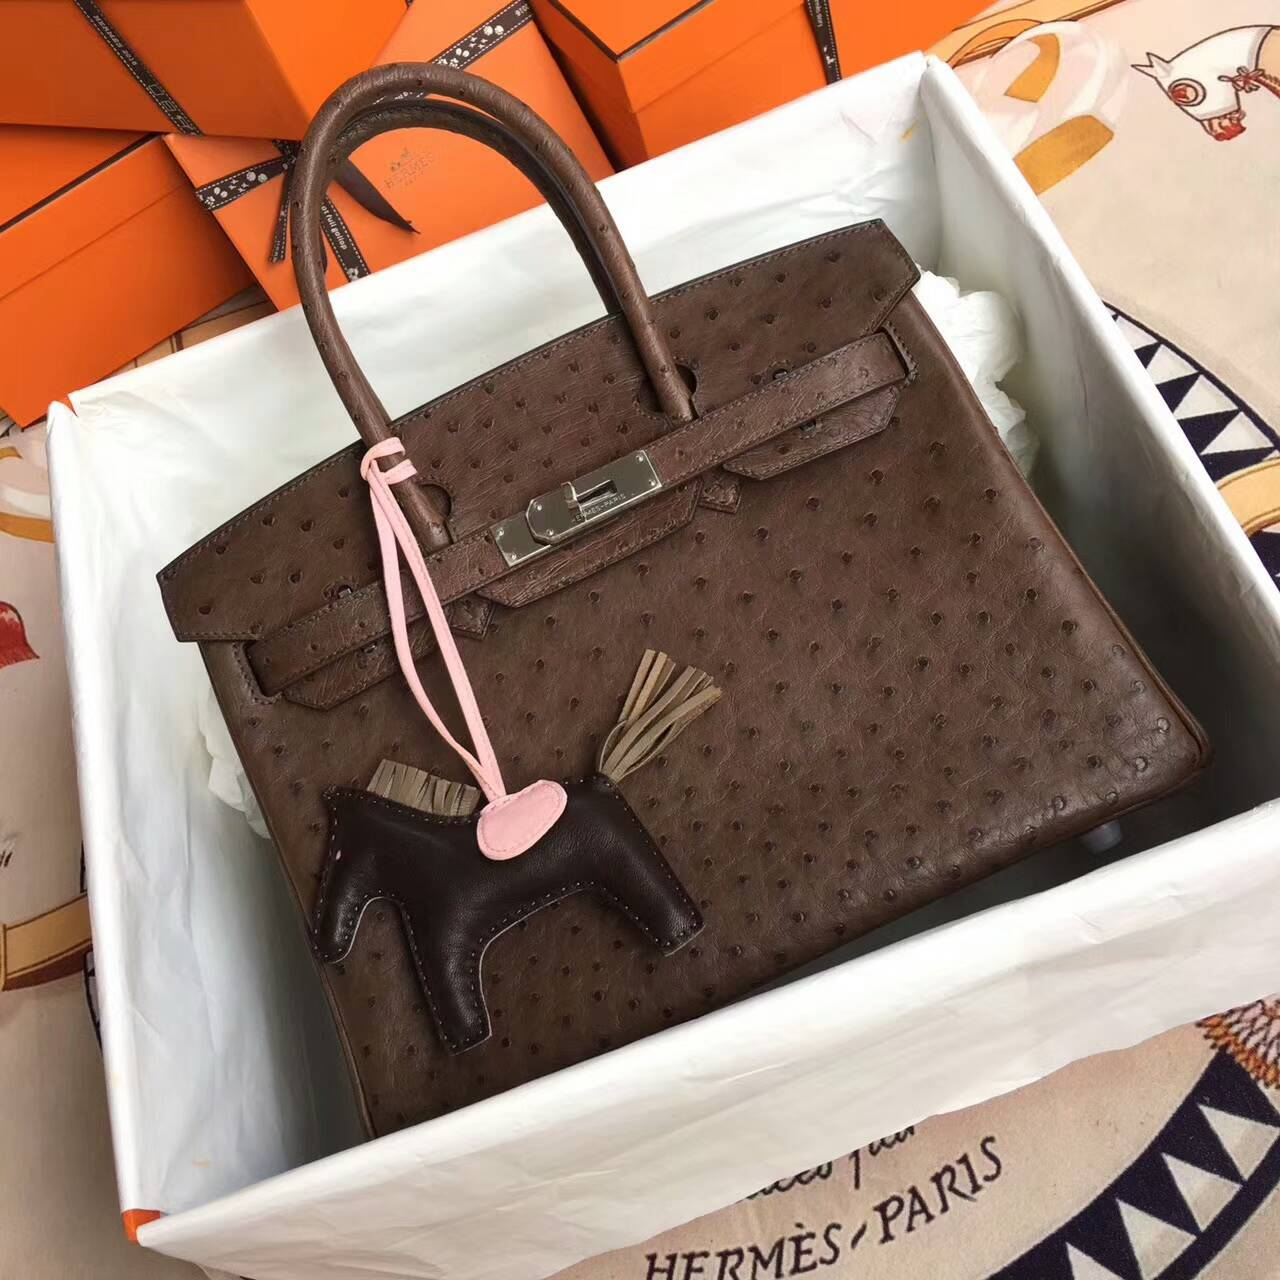 爱马仕铂金包 Birkin 30cm Ostrich Leather 南非原产KK级鸵鸟皮 CC47 Chocolat 巧克力色 深啡 银扣